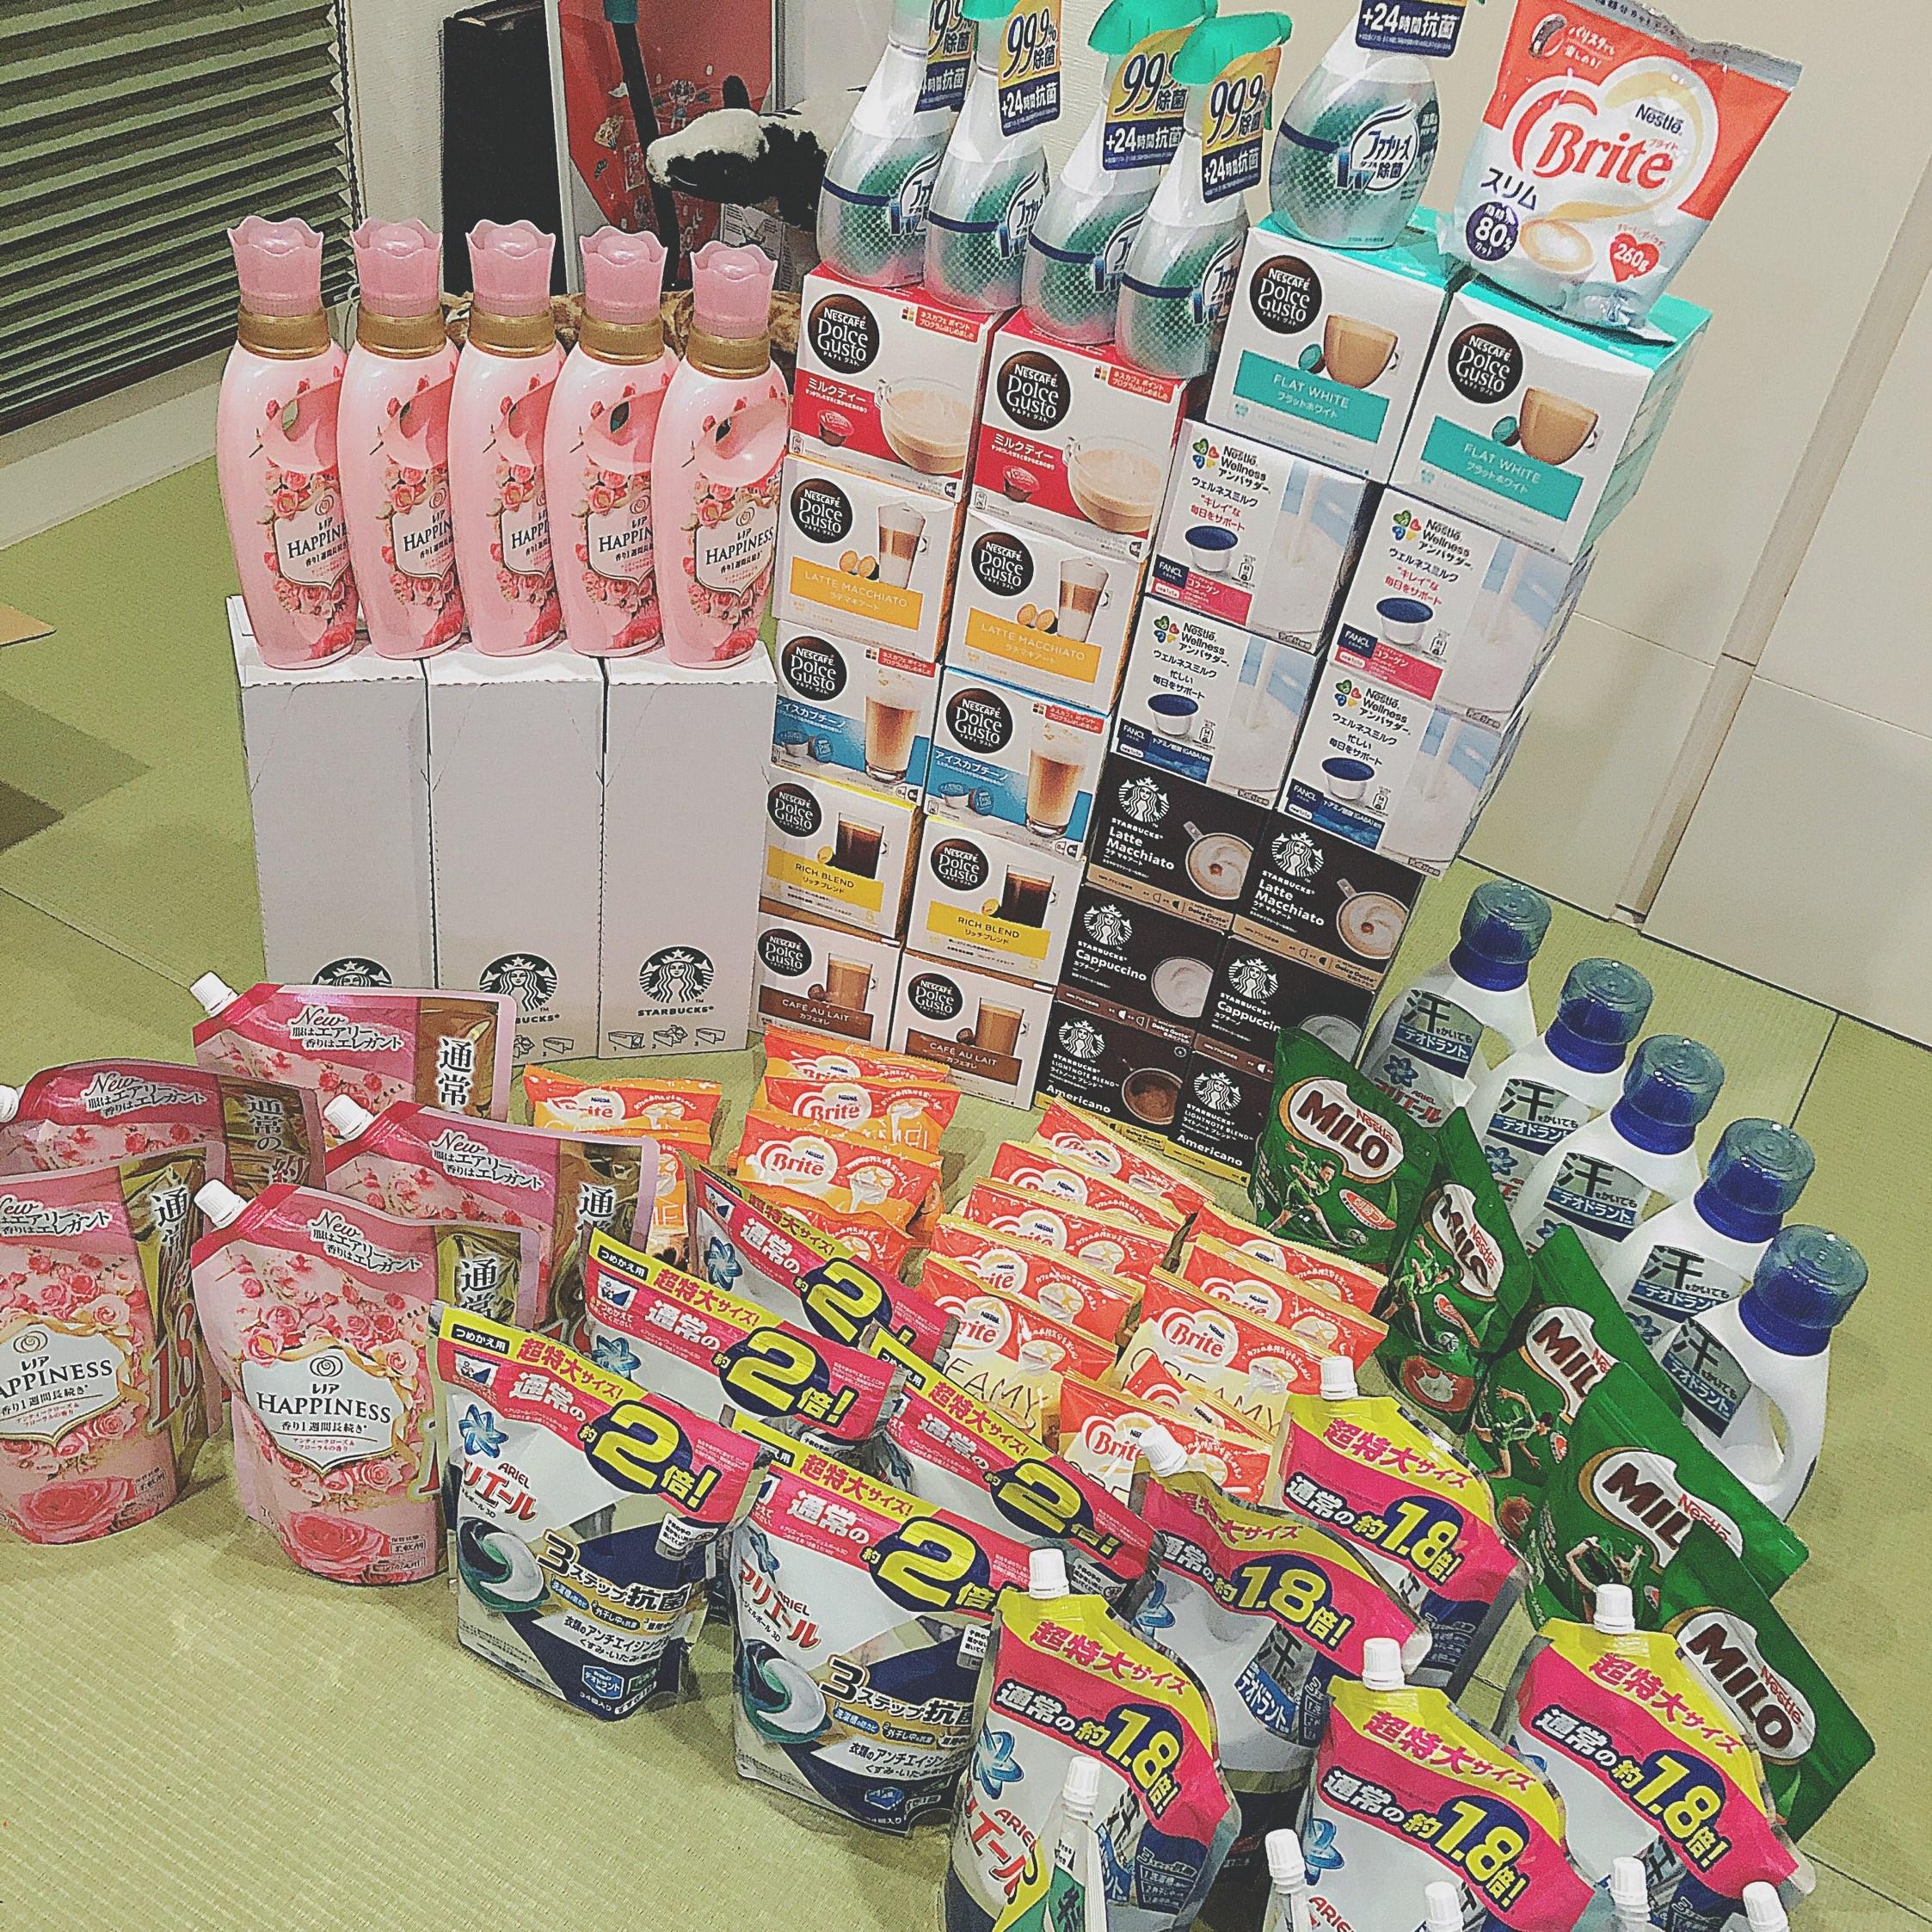 今日まで!✨合計9万円もらえる!✨ネスレ 冬のいい買い物キャンペーン